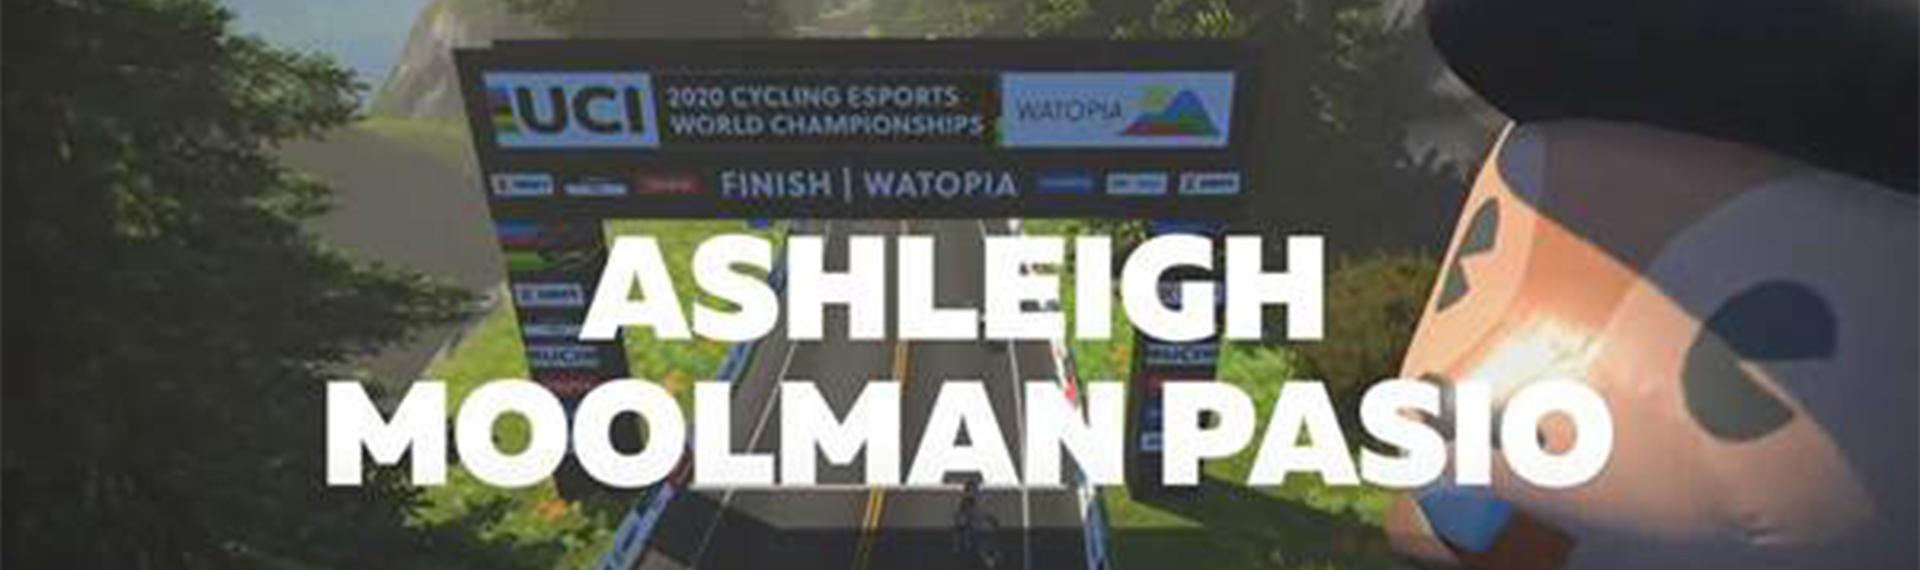 مسابقات قهرمانی اتحادیه جهانی دوچرخهسواری ای-اسپرتس